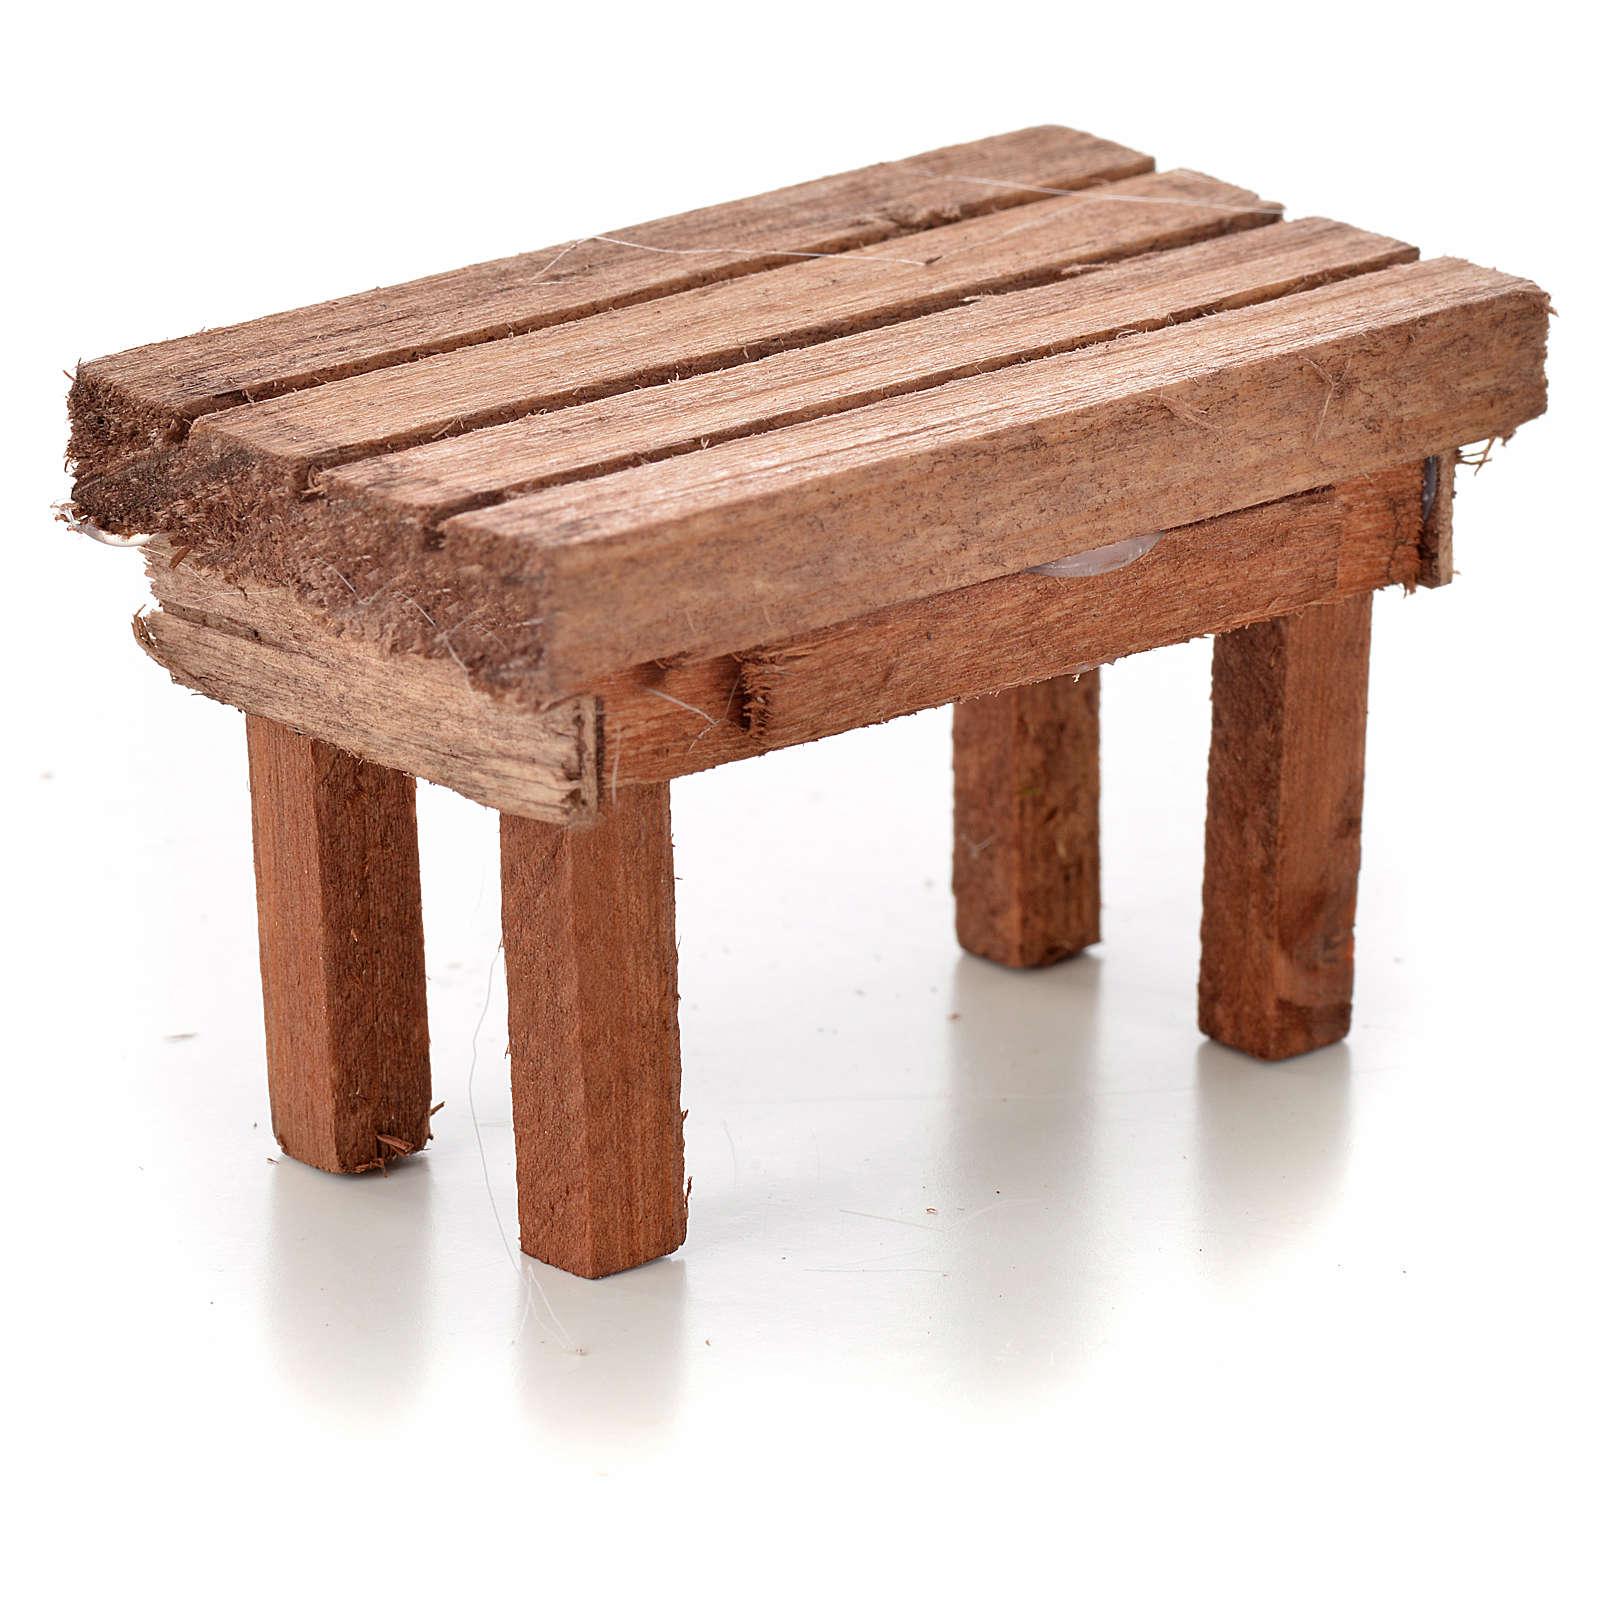 Stół z drewna 6x3.5x3.5 cm 4